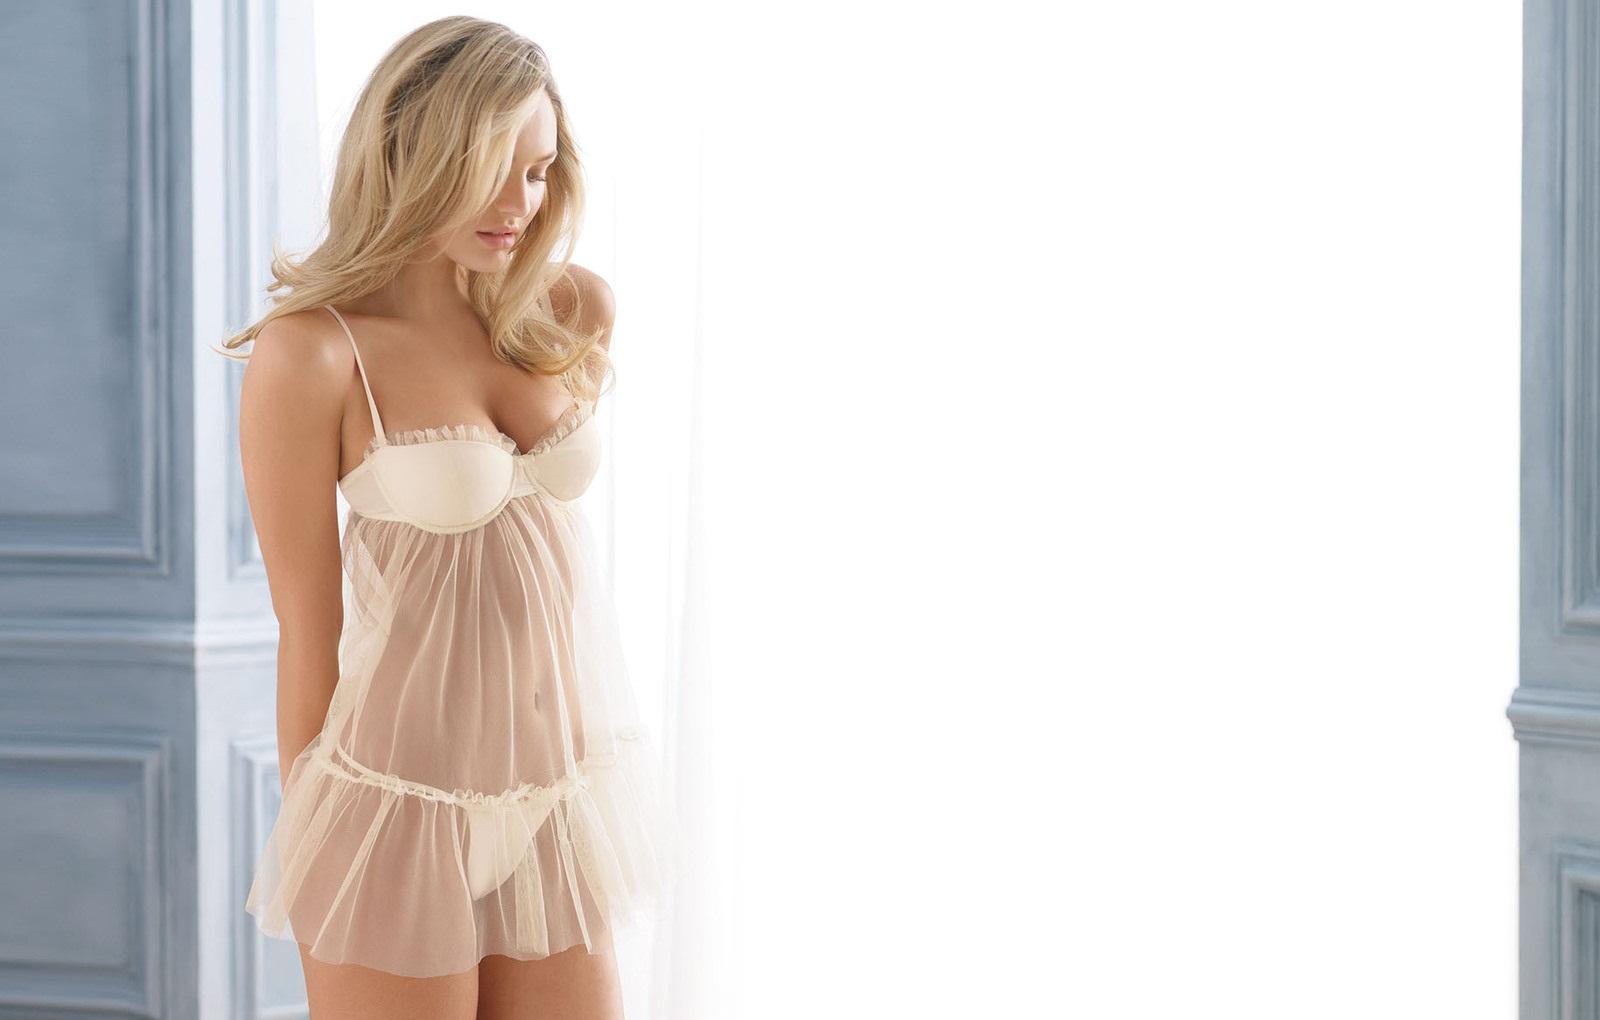 candice-swanepoel-looks-nude-in-bikini